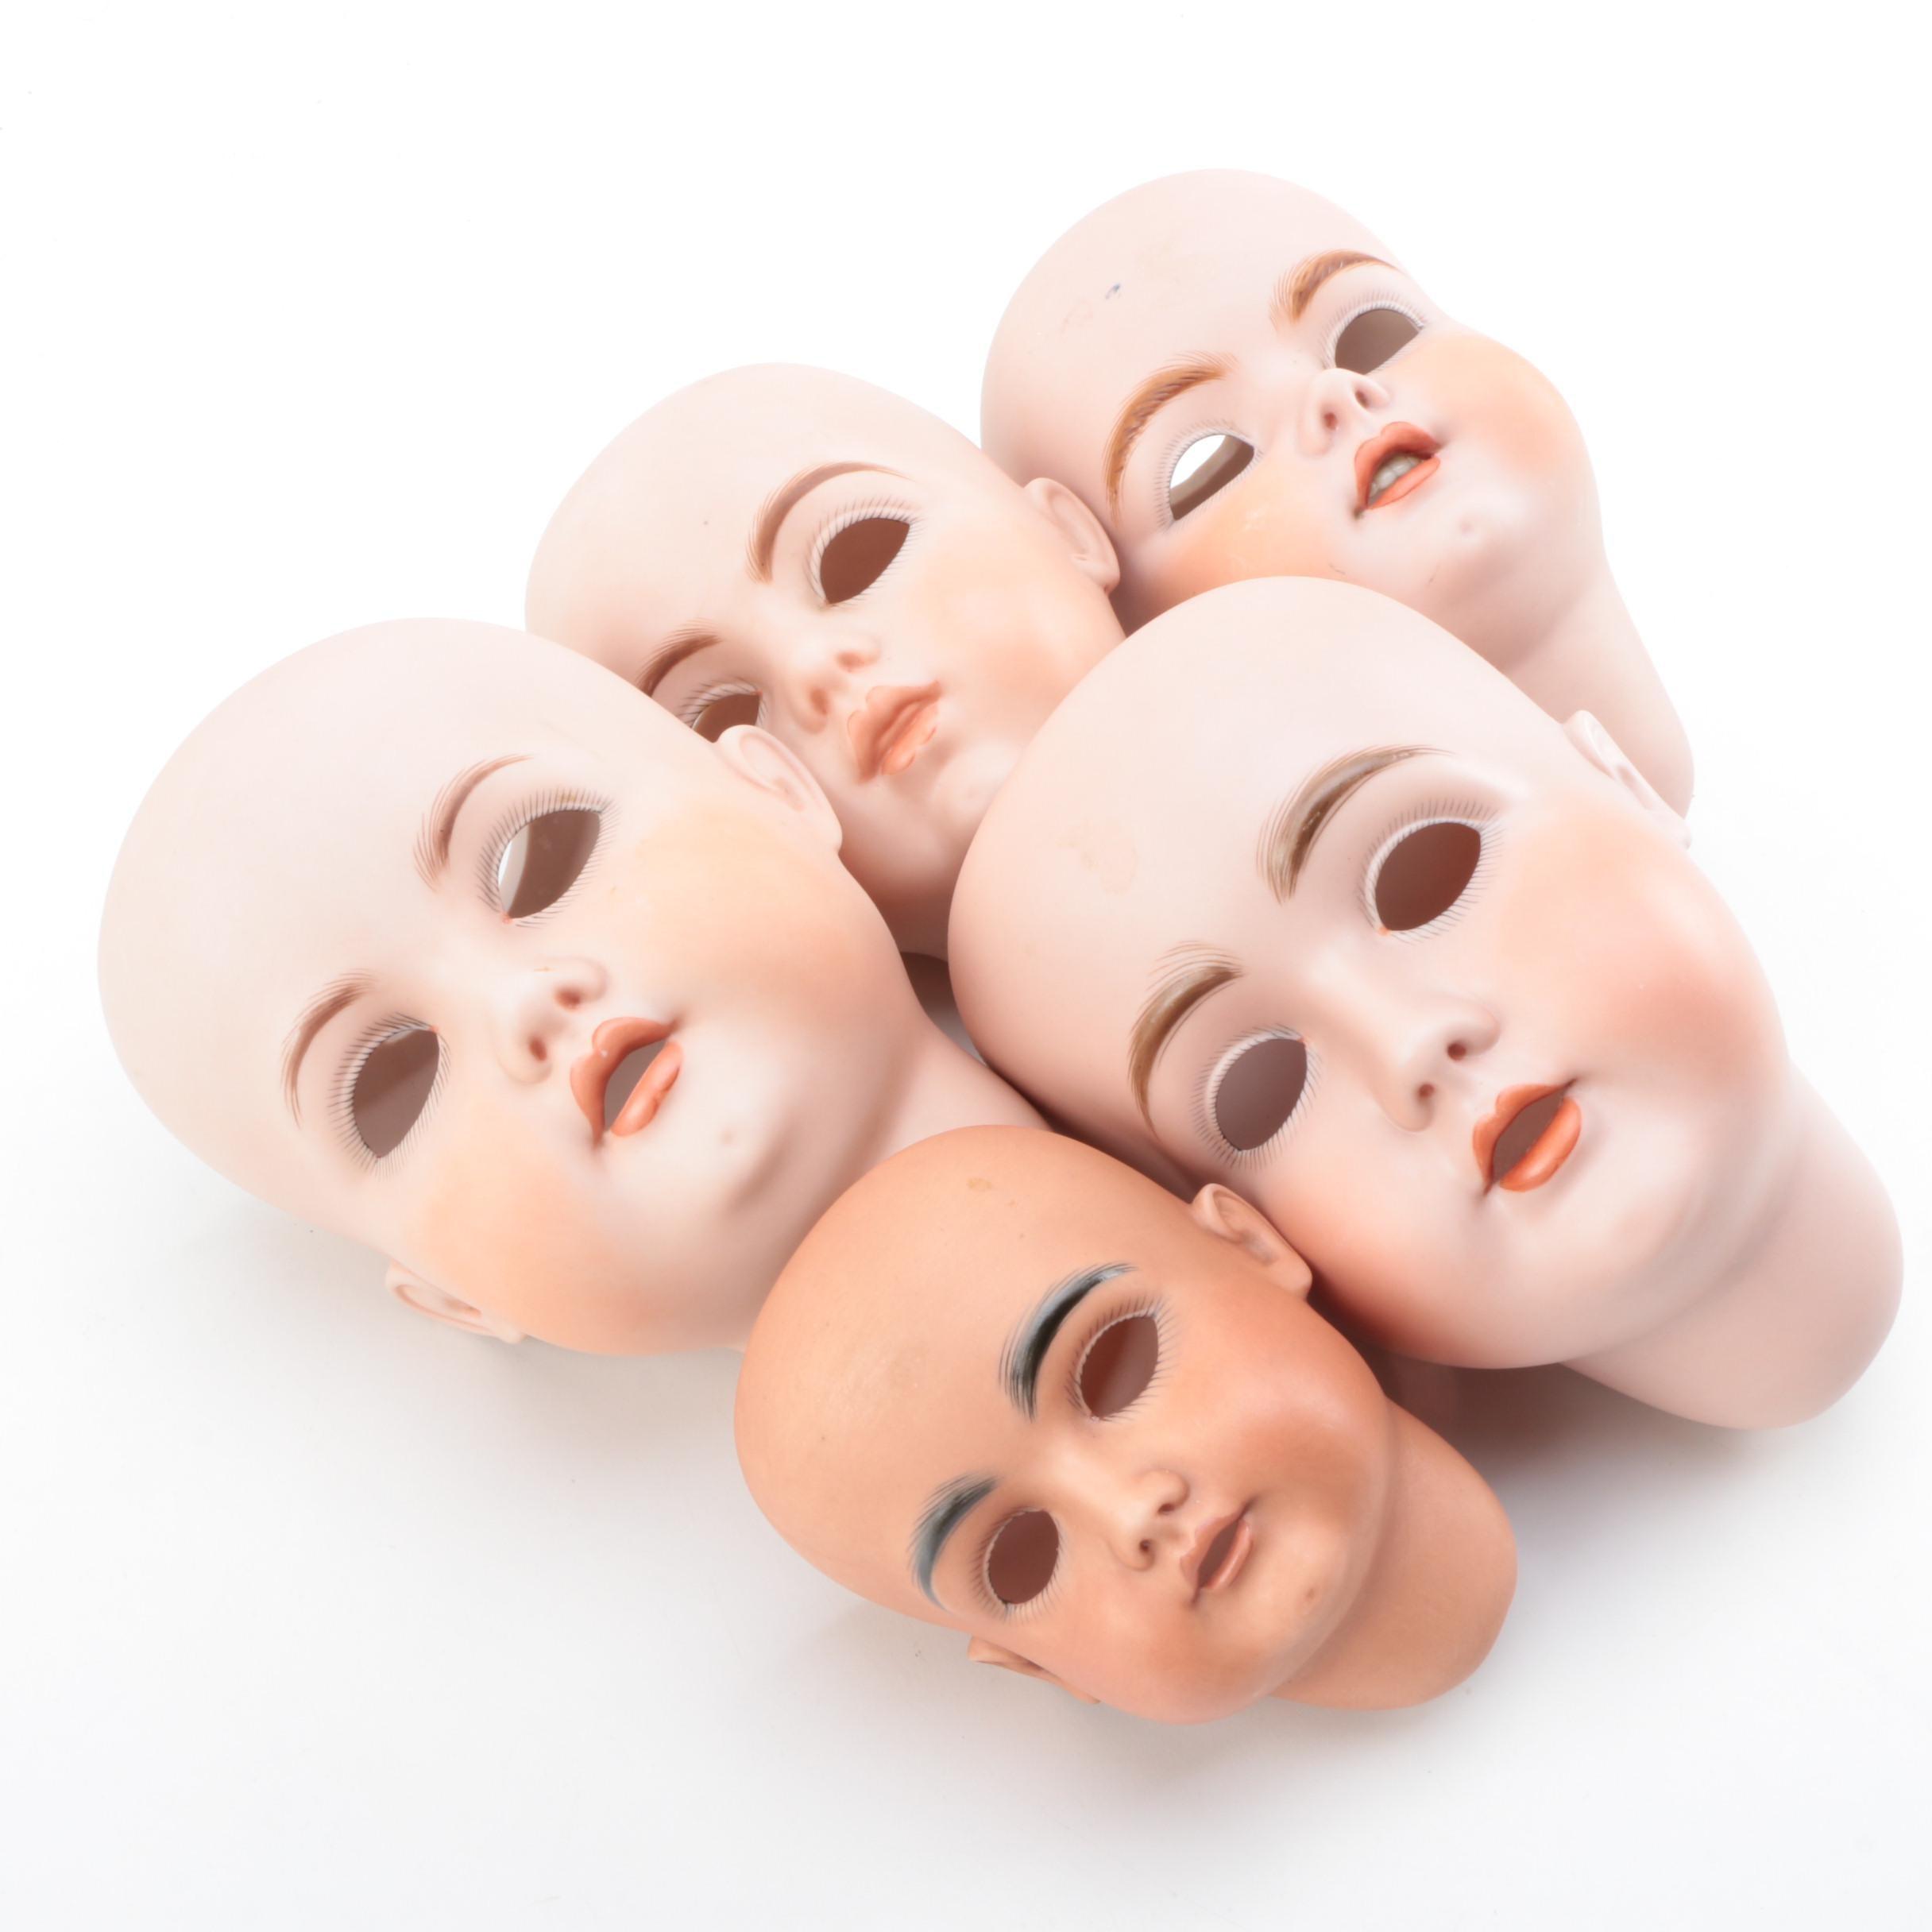 Vintage German Porcelain Doll Heads